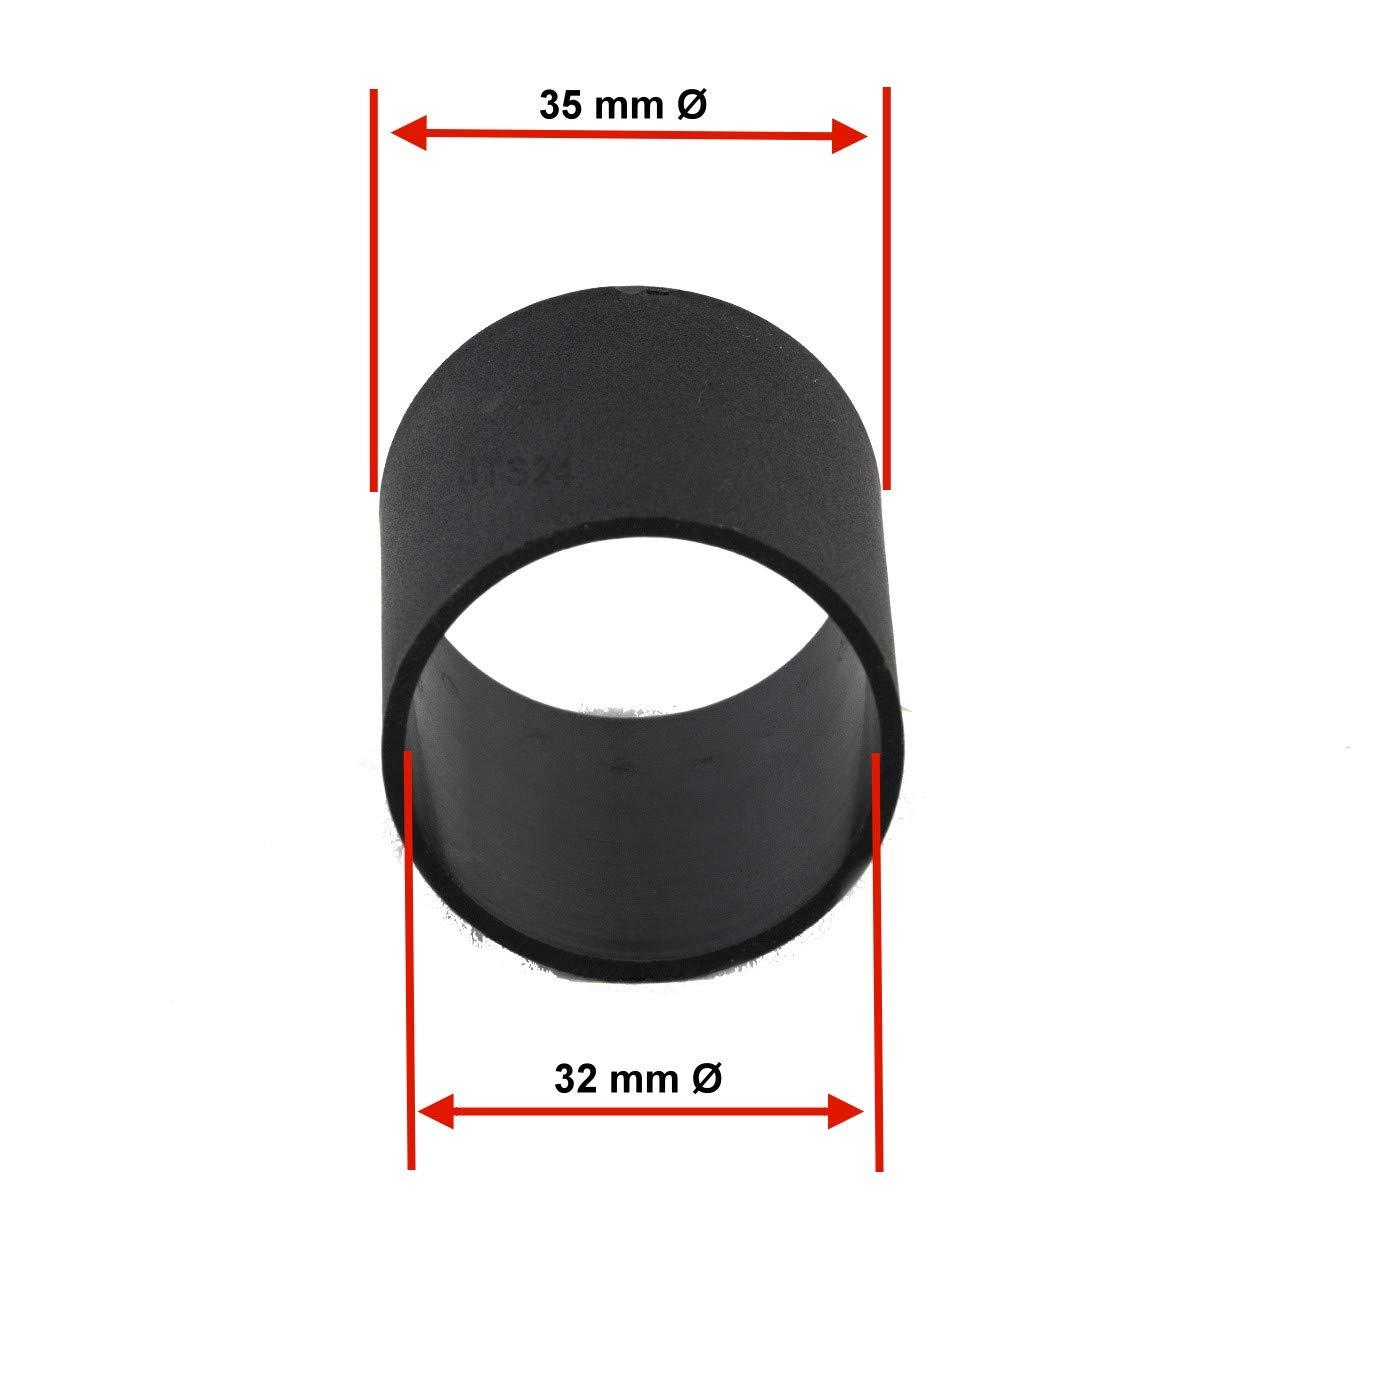 Staubsauger Bodendüse Kombidüse Staubsaugerdüse Düse+Adapter 32+35 mm